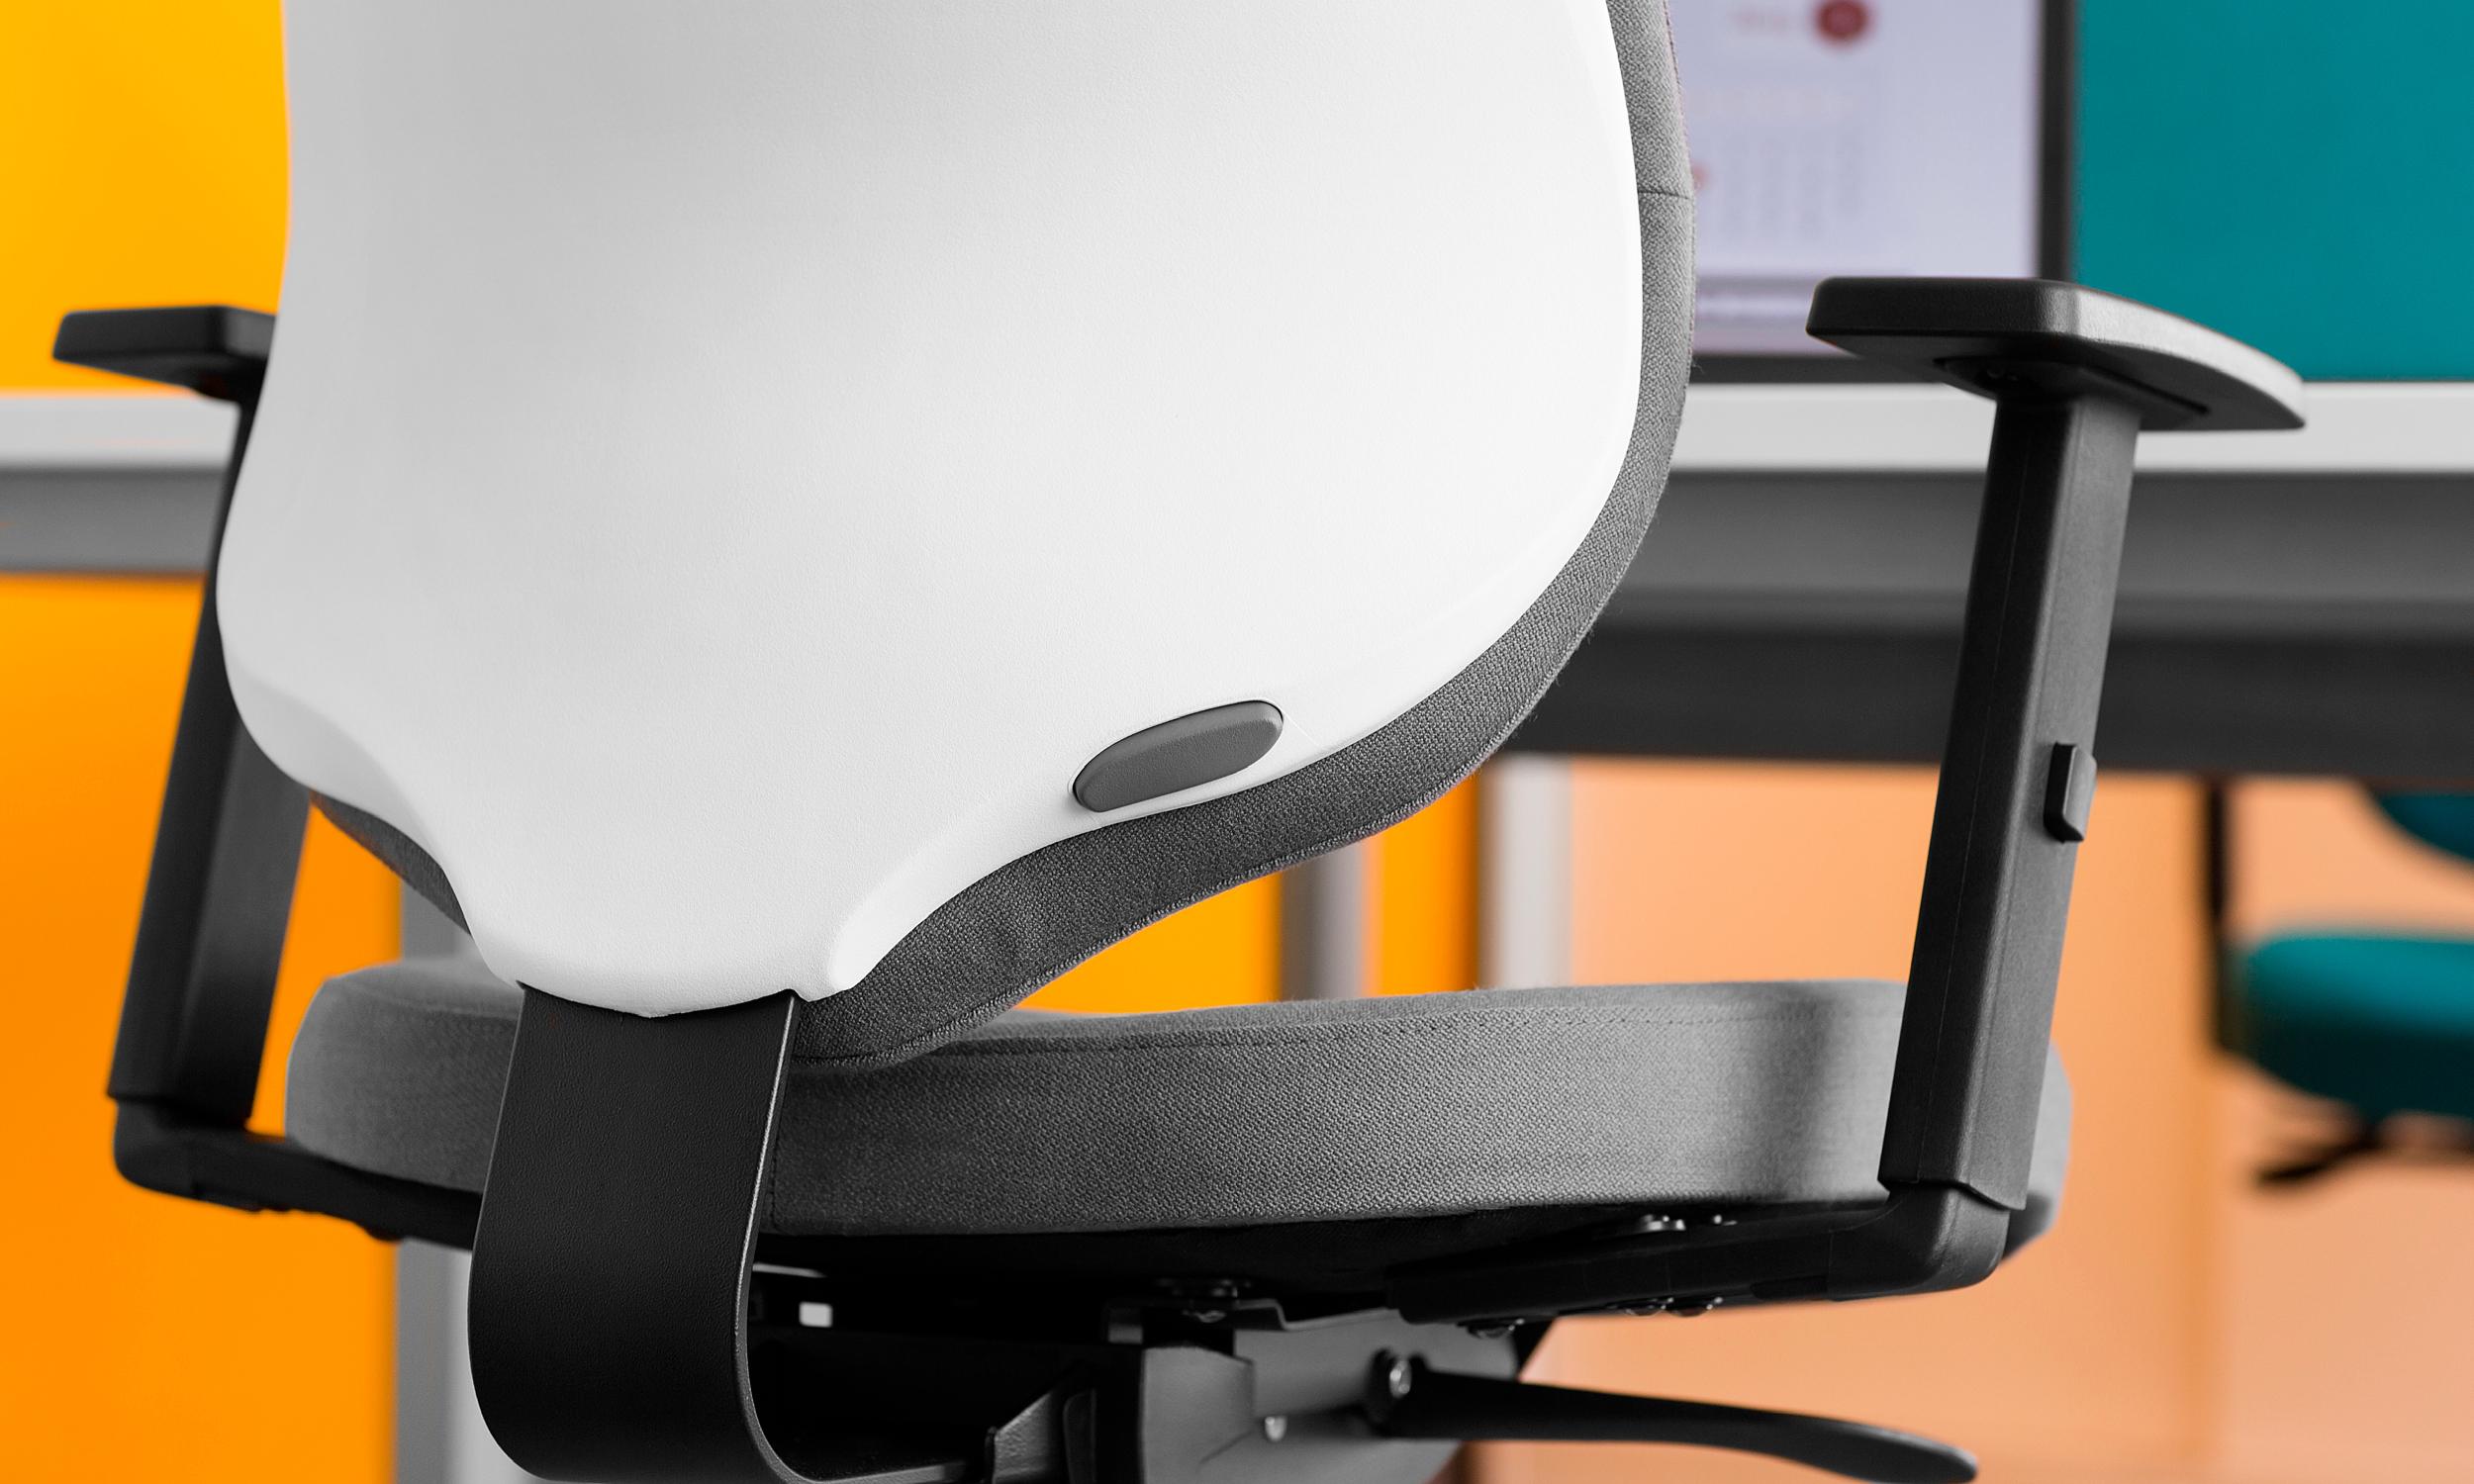 krzesło_Be-All03